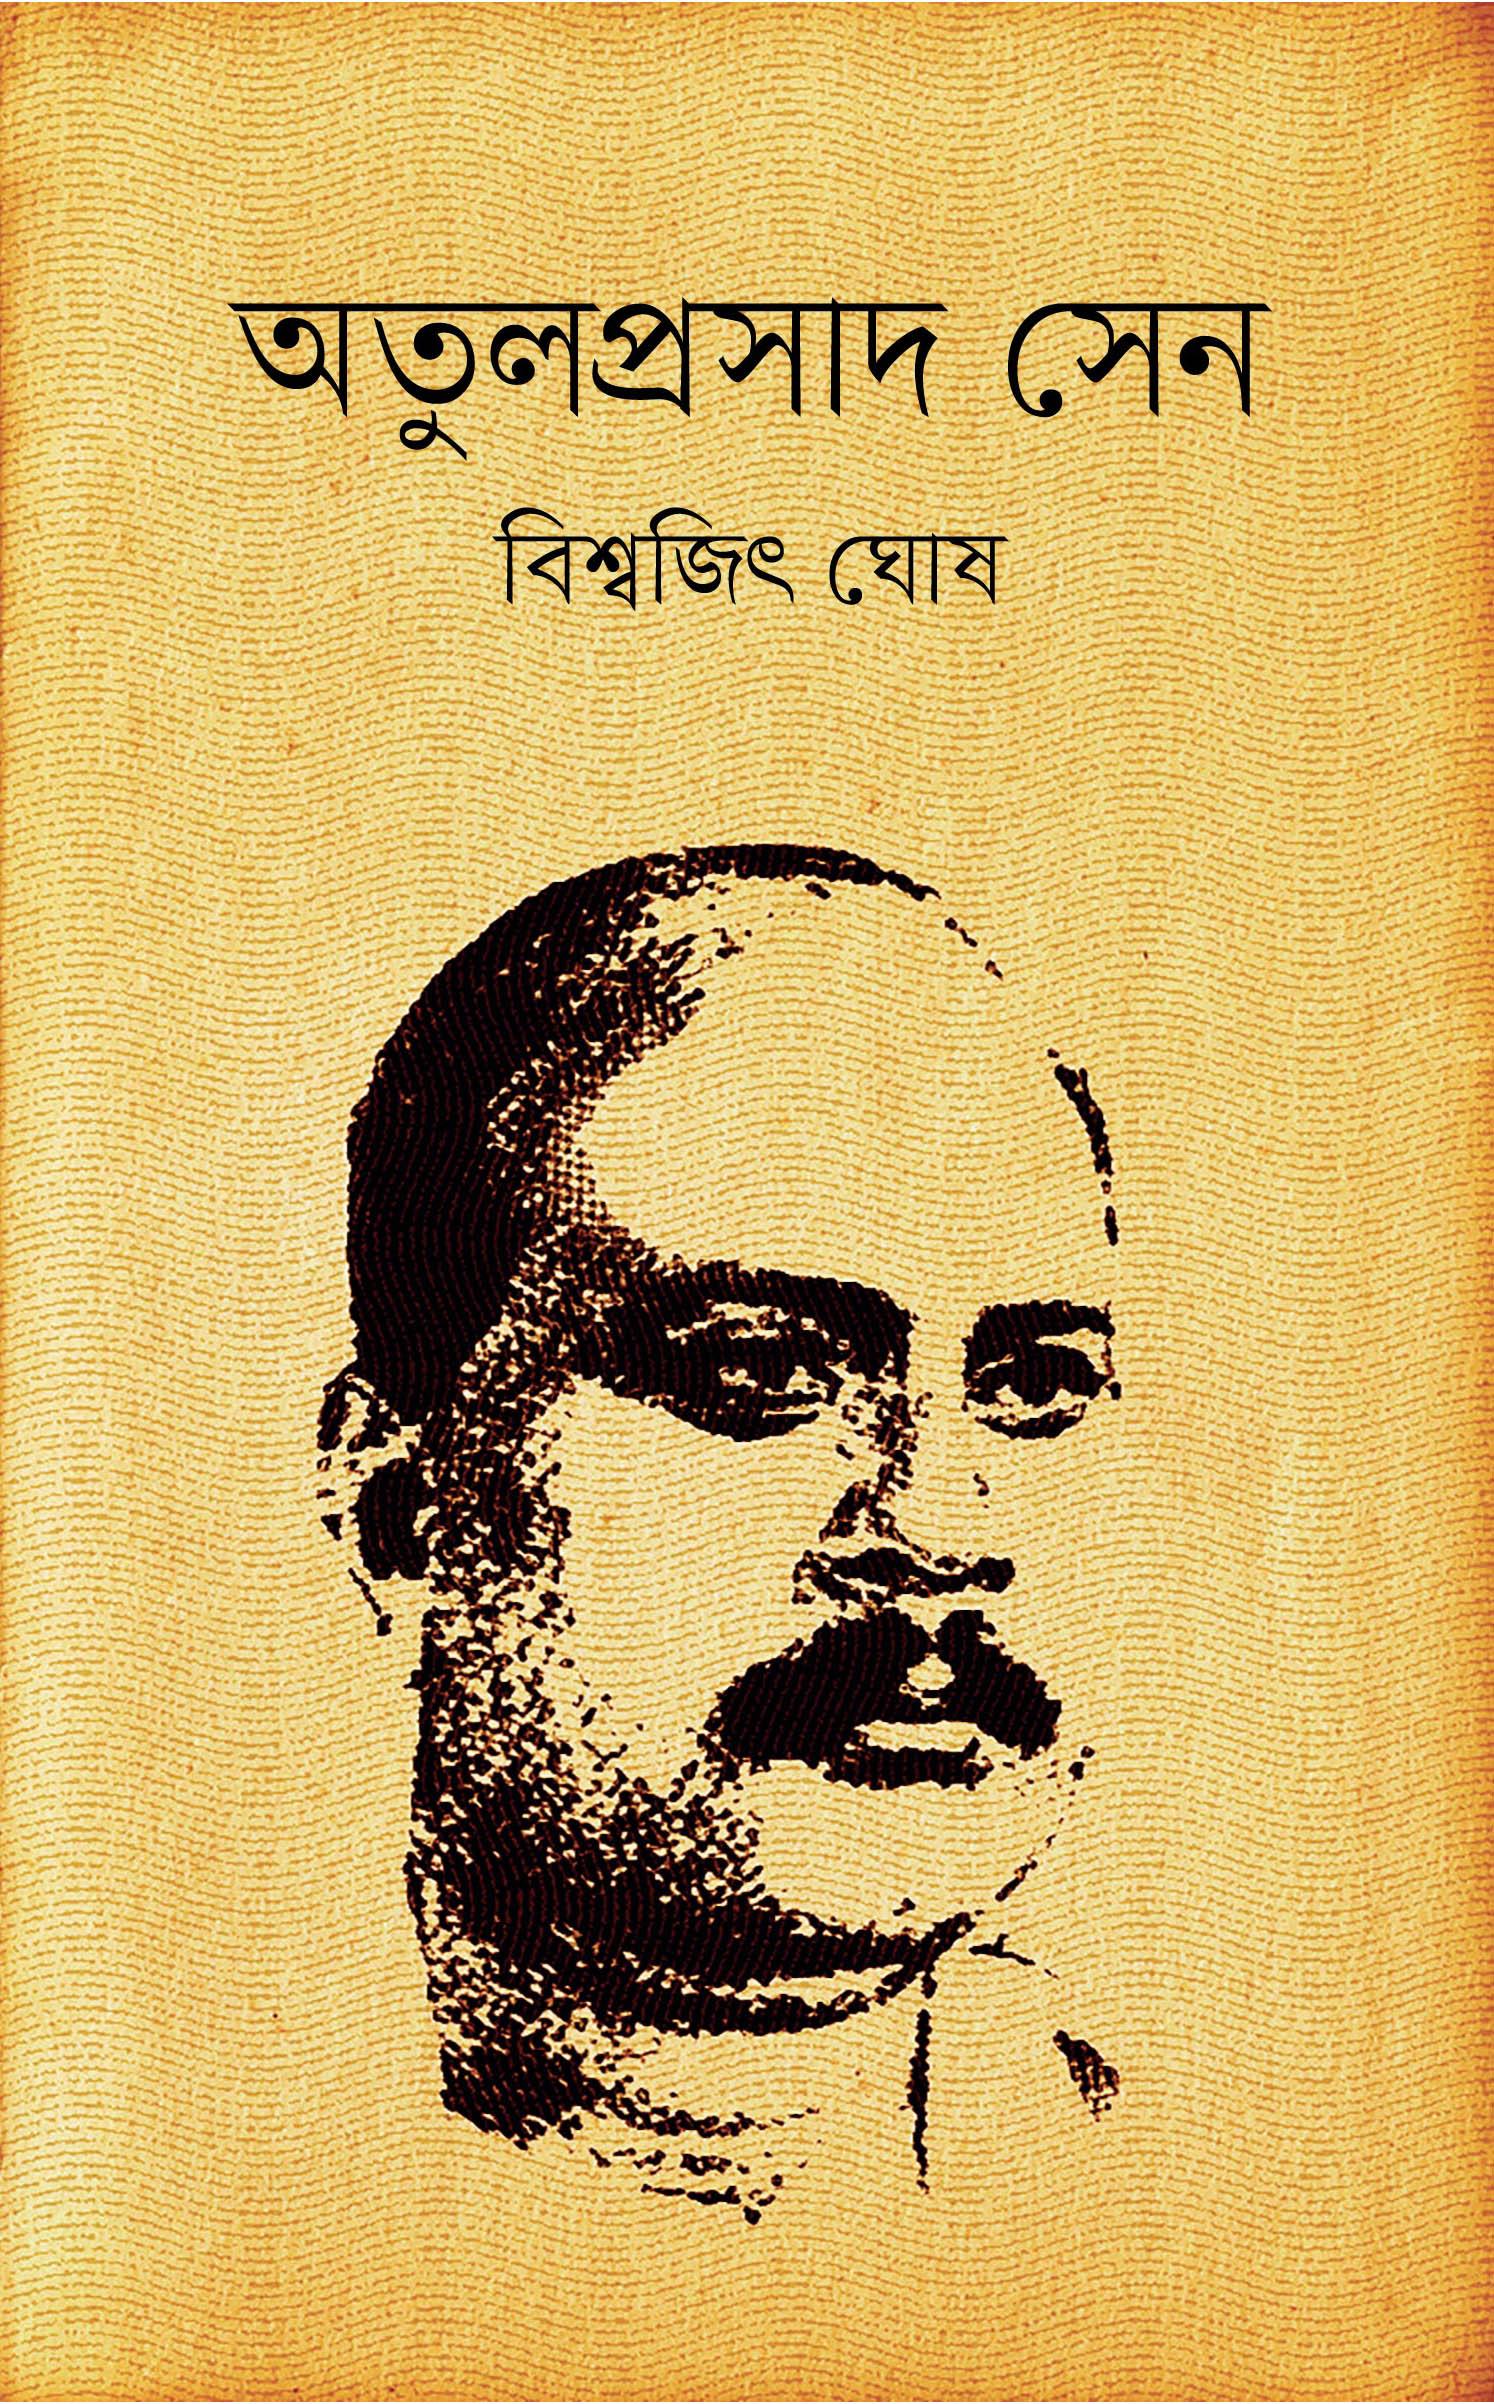 অতুলপ্রসাদ সেন